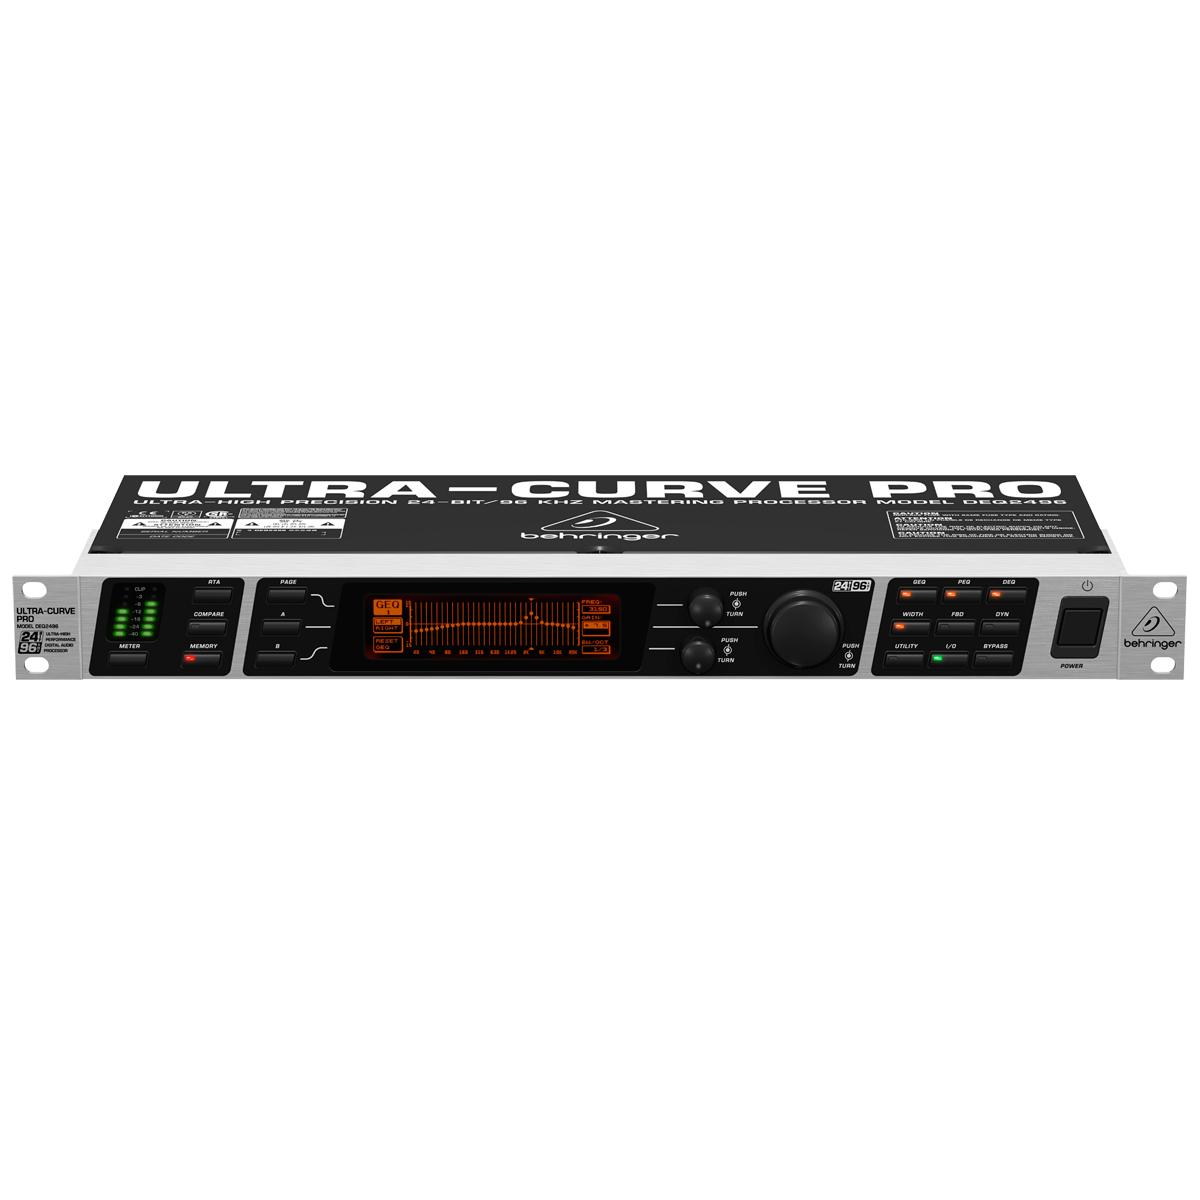 DEQ2496 - Equalizador Gráfico 31 Bandas Ultracurve PRO DEQ 2496 - Behringer